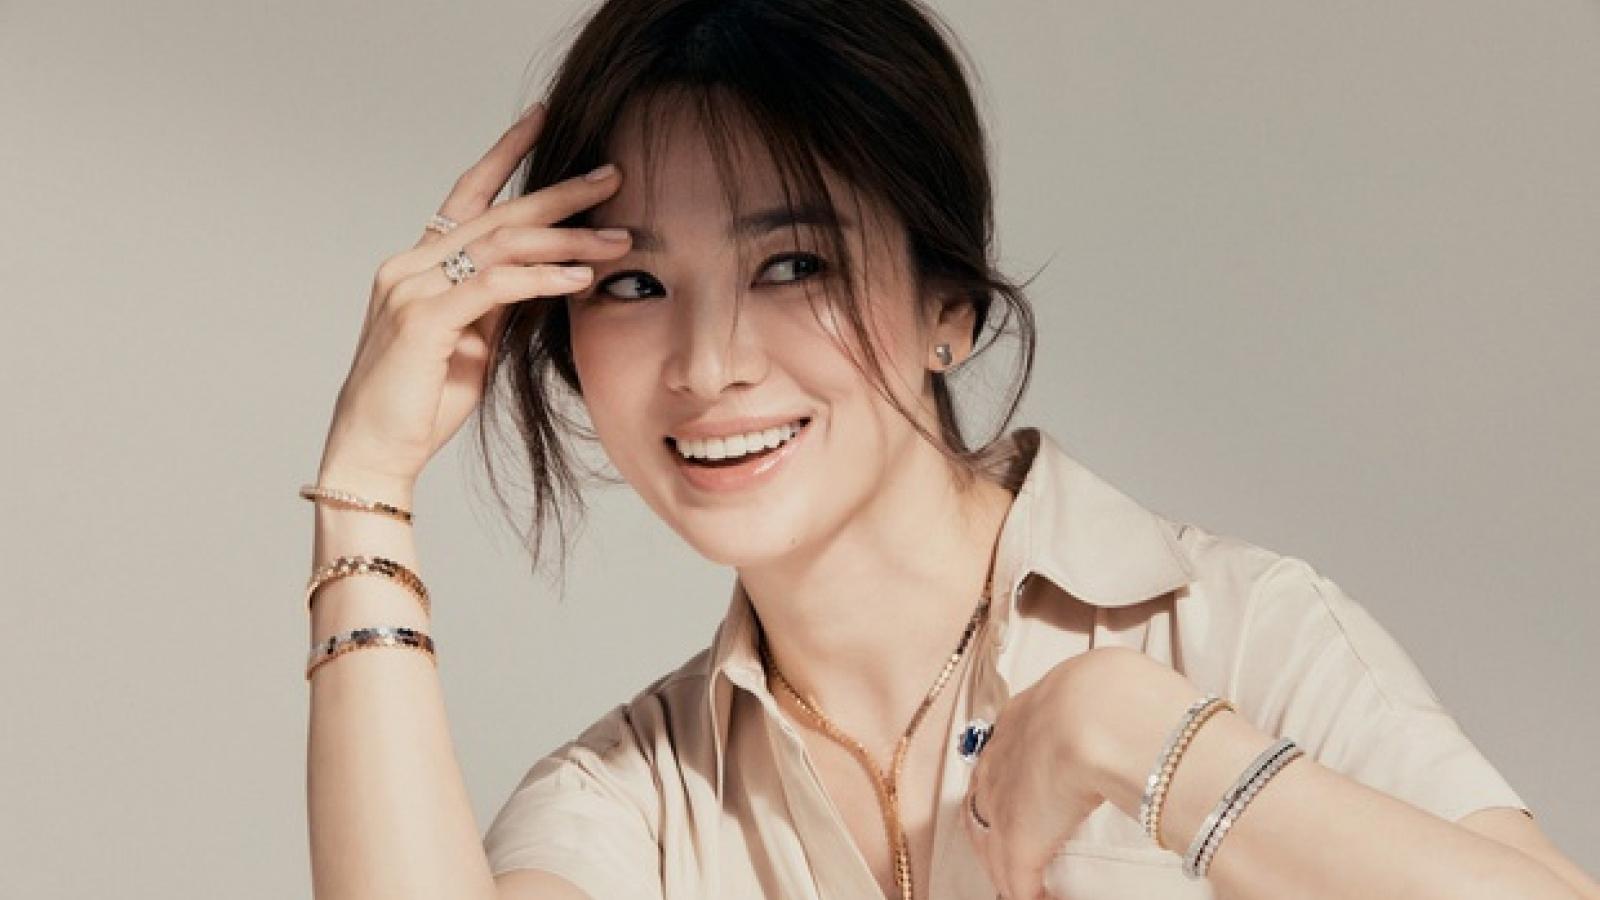 Song Hye Kyo trải lòng về tình yêu sau khi phủ nhận tái hợp Hyun Bin